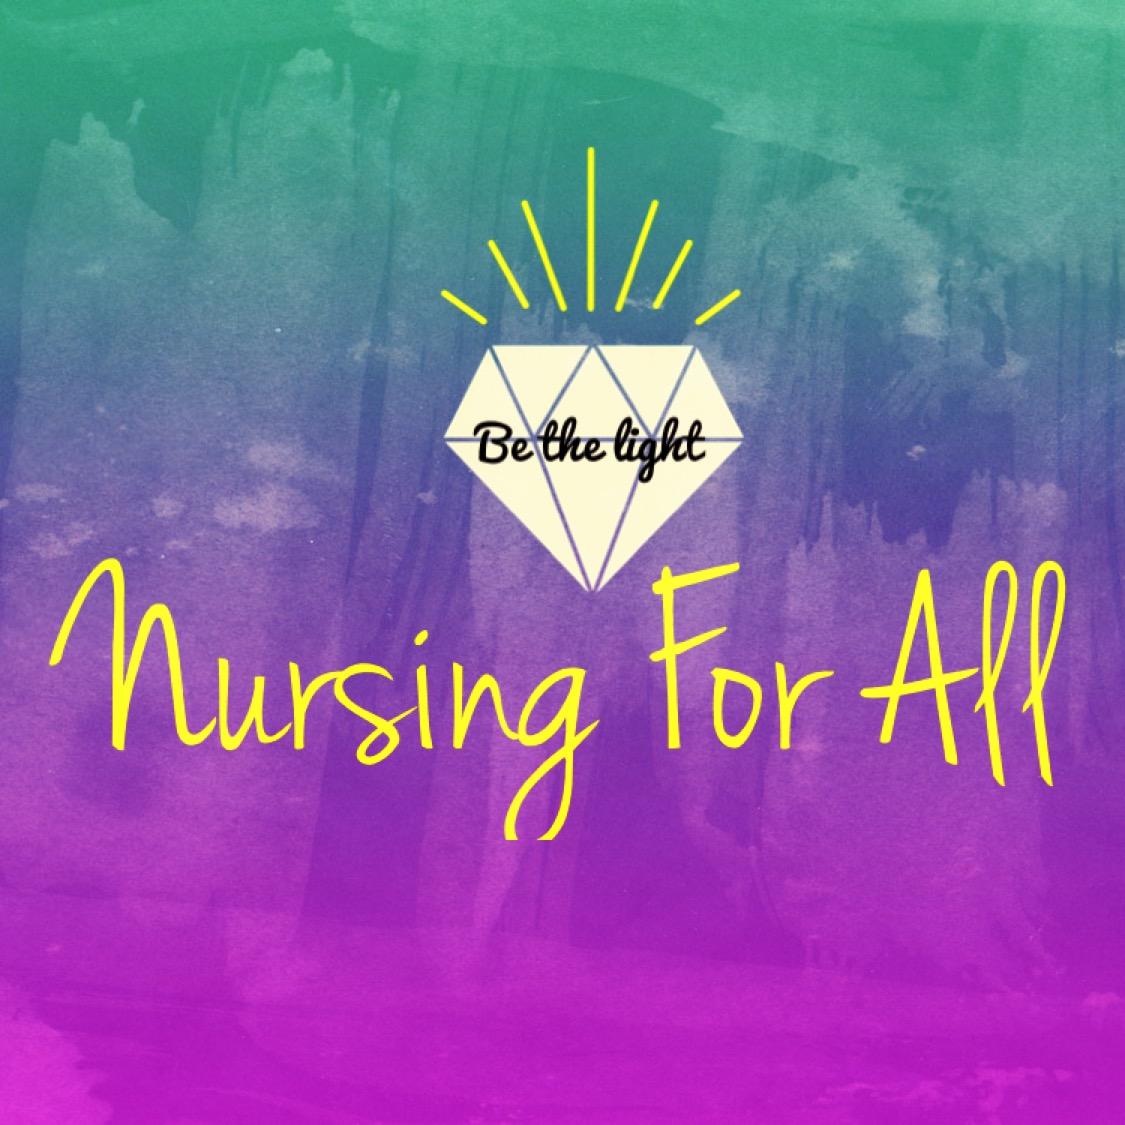 Nursing For All